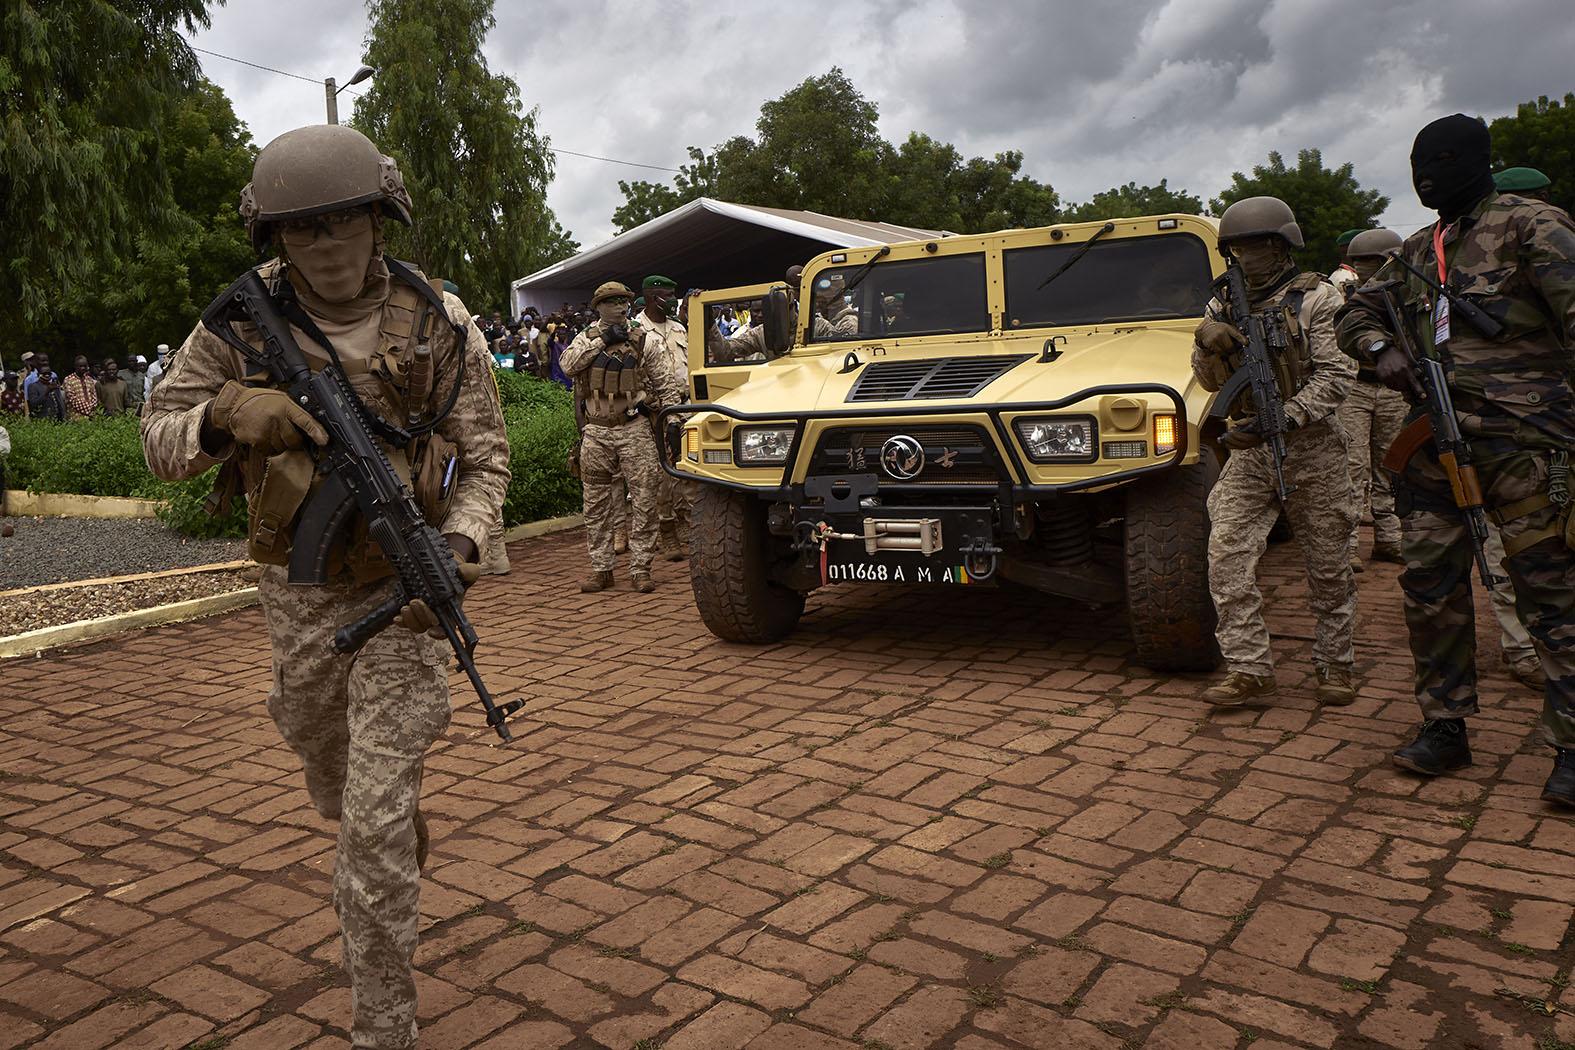 """""""Sőt, az elmúlt időszakban a hadi helyzet romlása volt tapasztalható, így nem meglepő, hogy a bamakói kormányzat az orosz katonai magánvállalat (PMC) segítségét kéri Moszkvával való kapcsolatának szorosabbra fonása mellett"""" #moszkvater"""